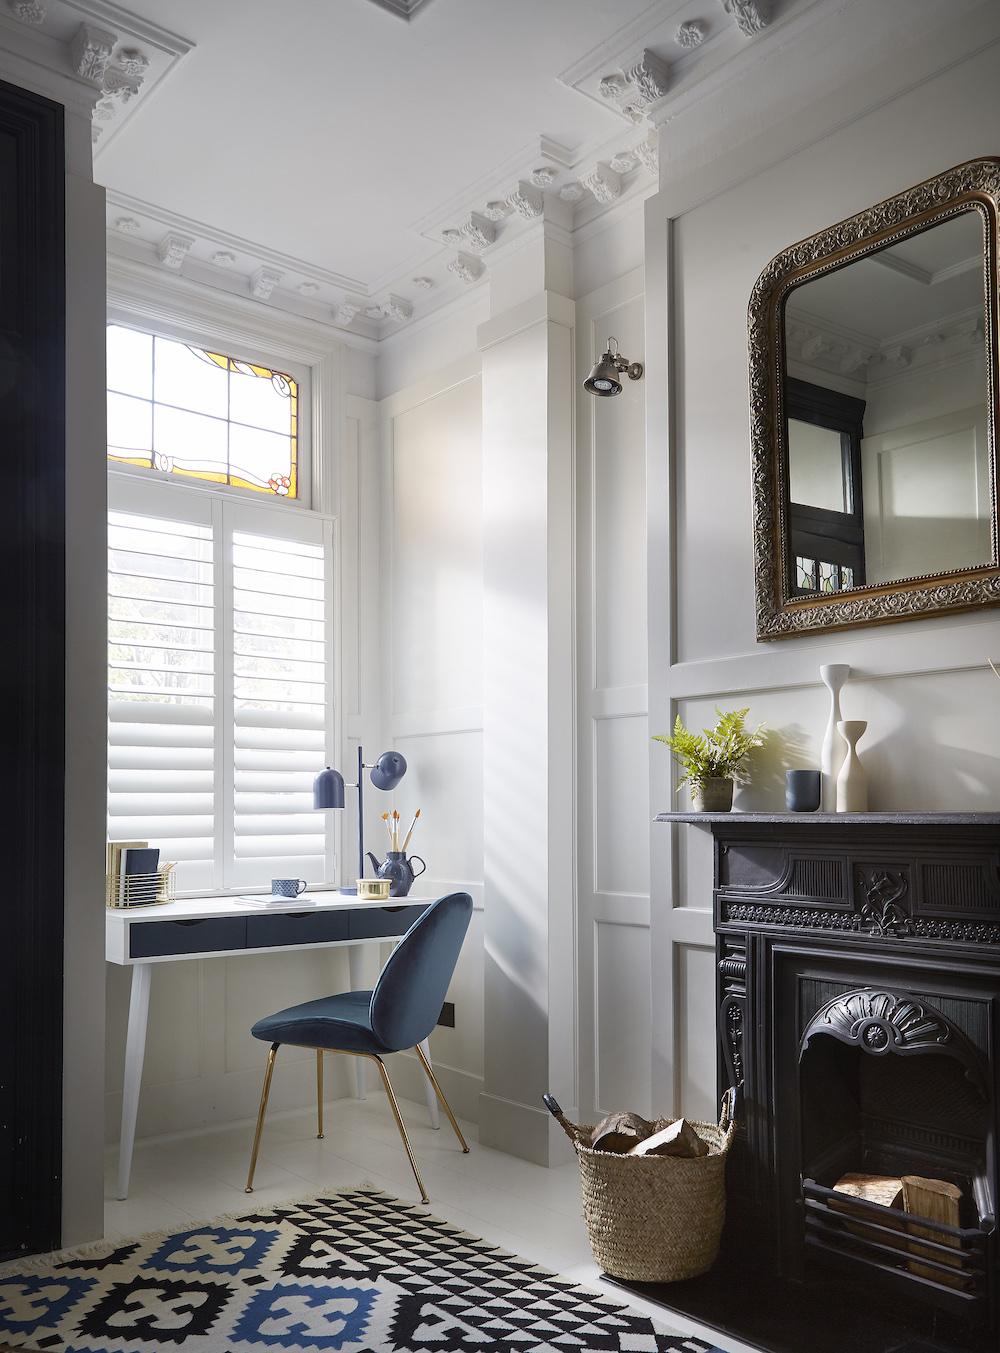 Thuiswerken kantoor inspiratie #thuiskantoor #werkkamer #shutters #luxaflex